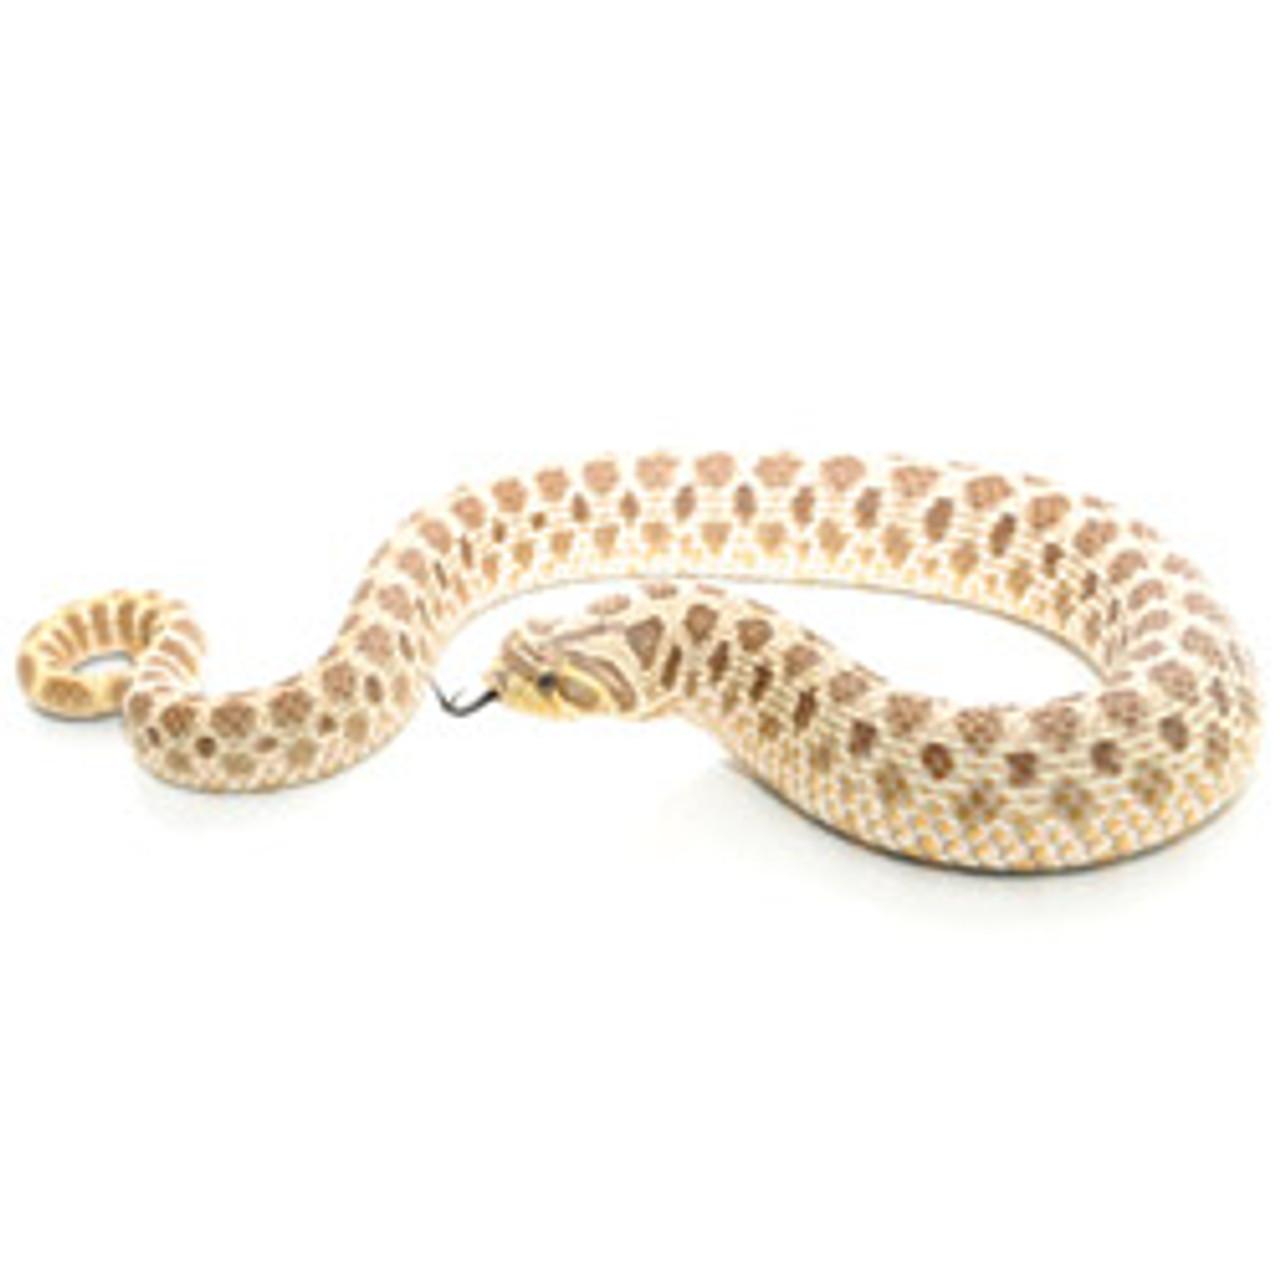 Western Hognose Snakes (Heterodon nasicus)